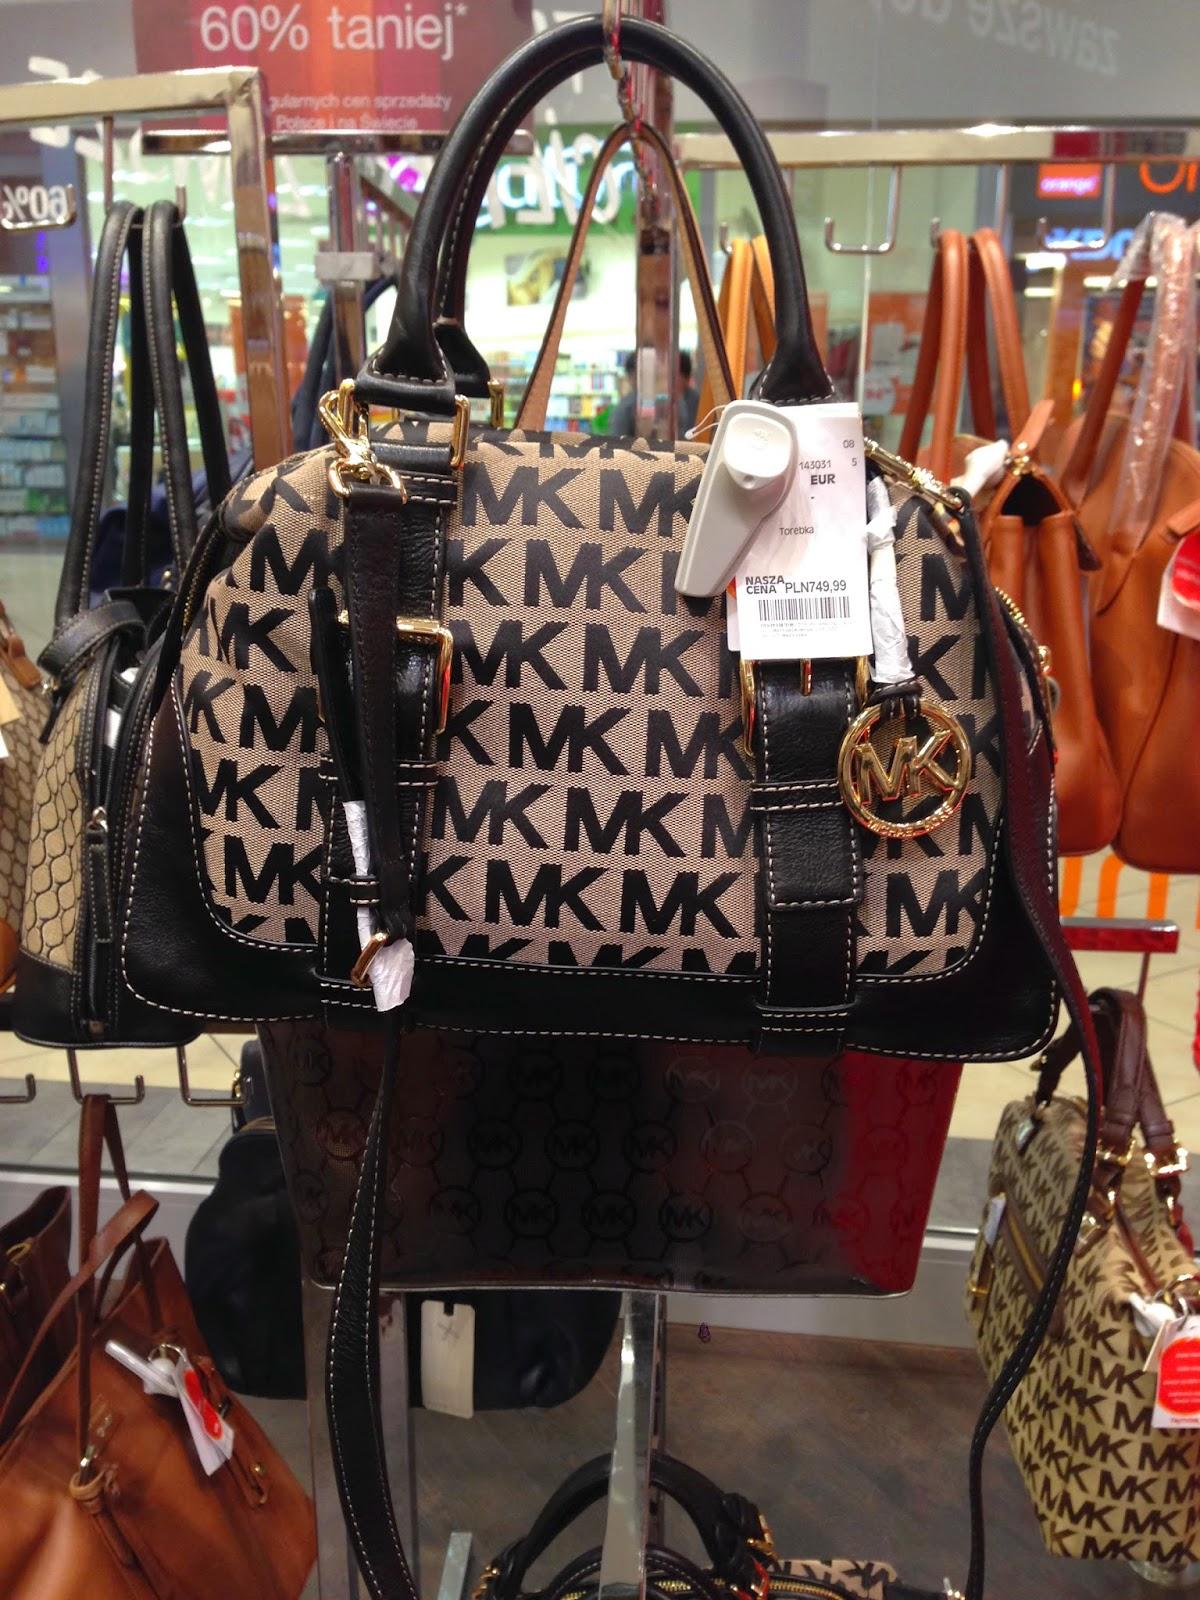 ec803c7487418 najdroższe torebki w sklepie to te z dwoma literkami 😉